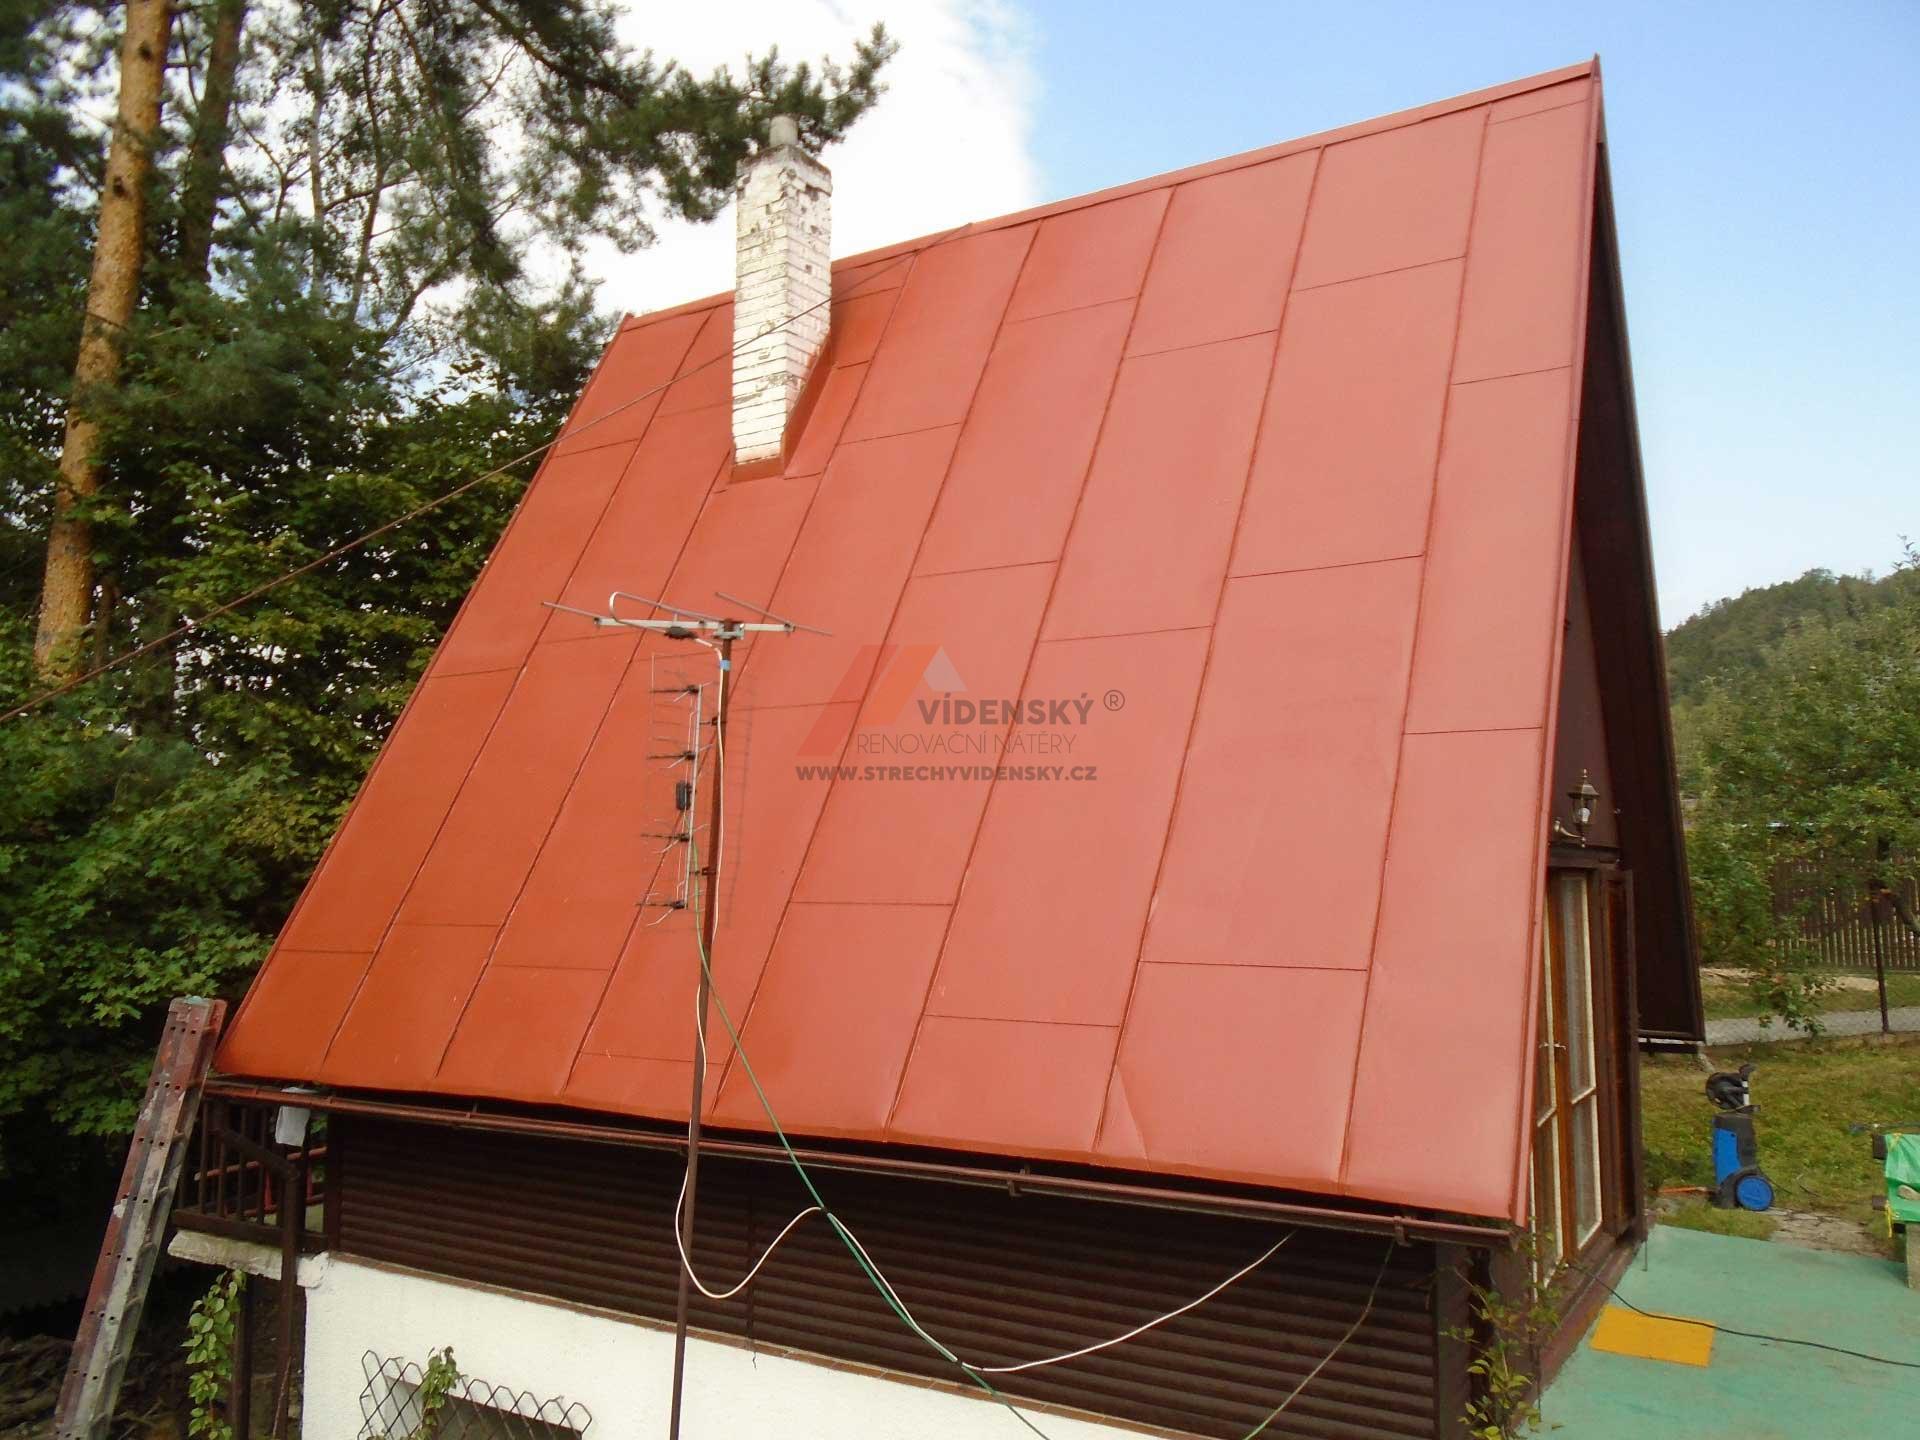 Vídenský | Renovační nátěr plechové střechy 02 - Po renovaci